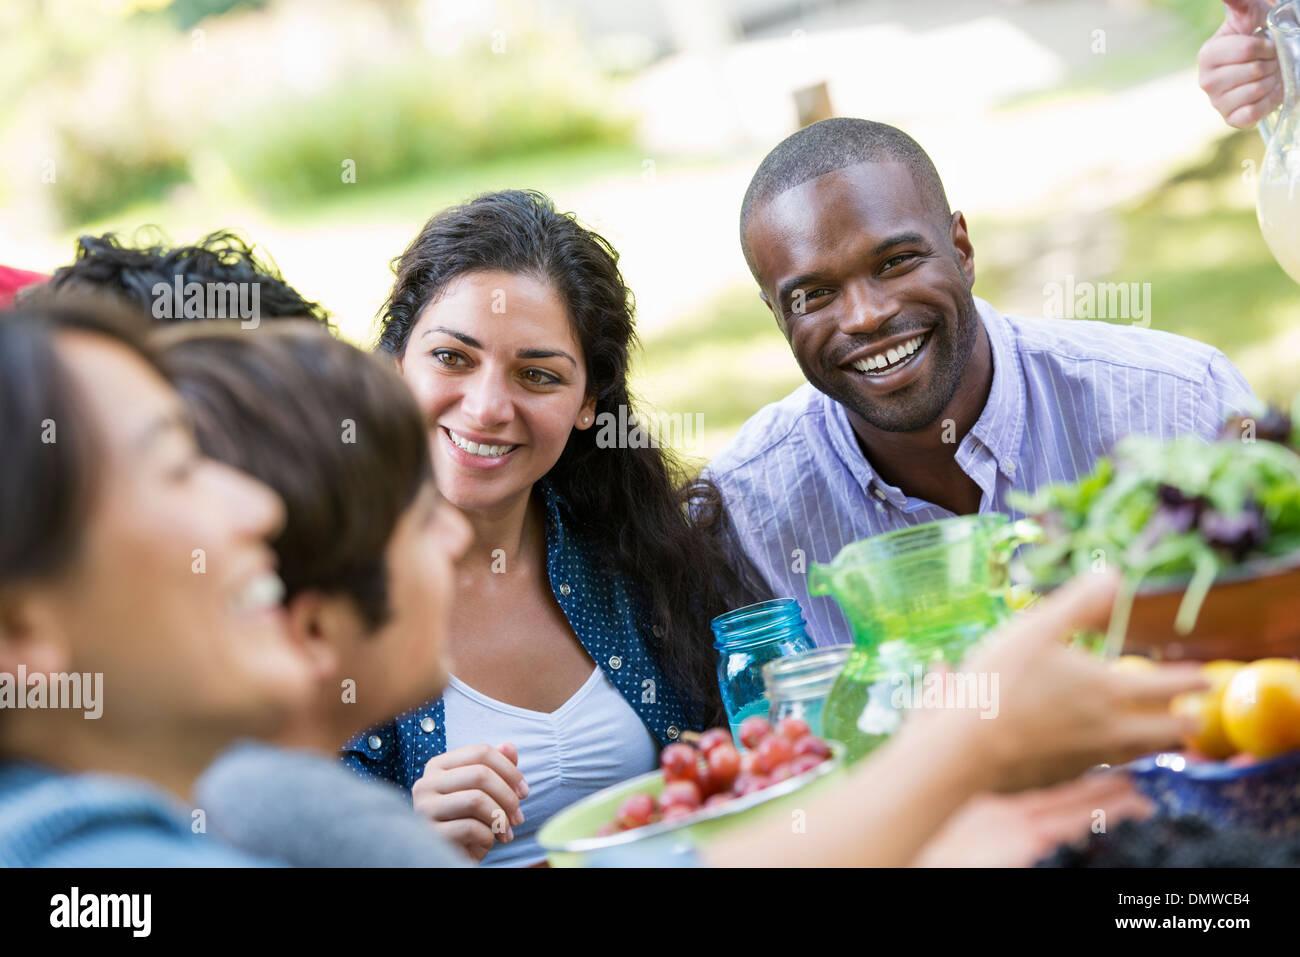 Les adultes et les enfants autour d'une table dans un jardin. Photo Stock